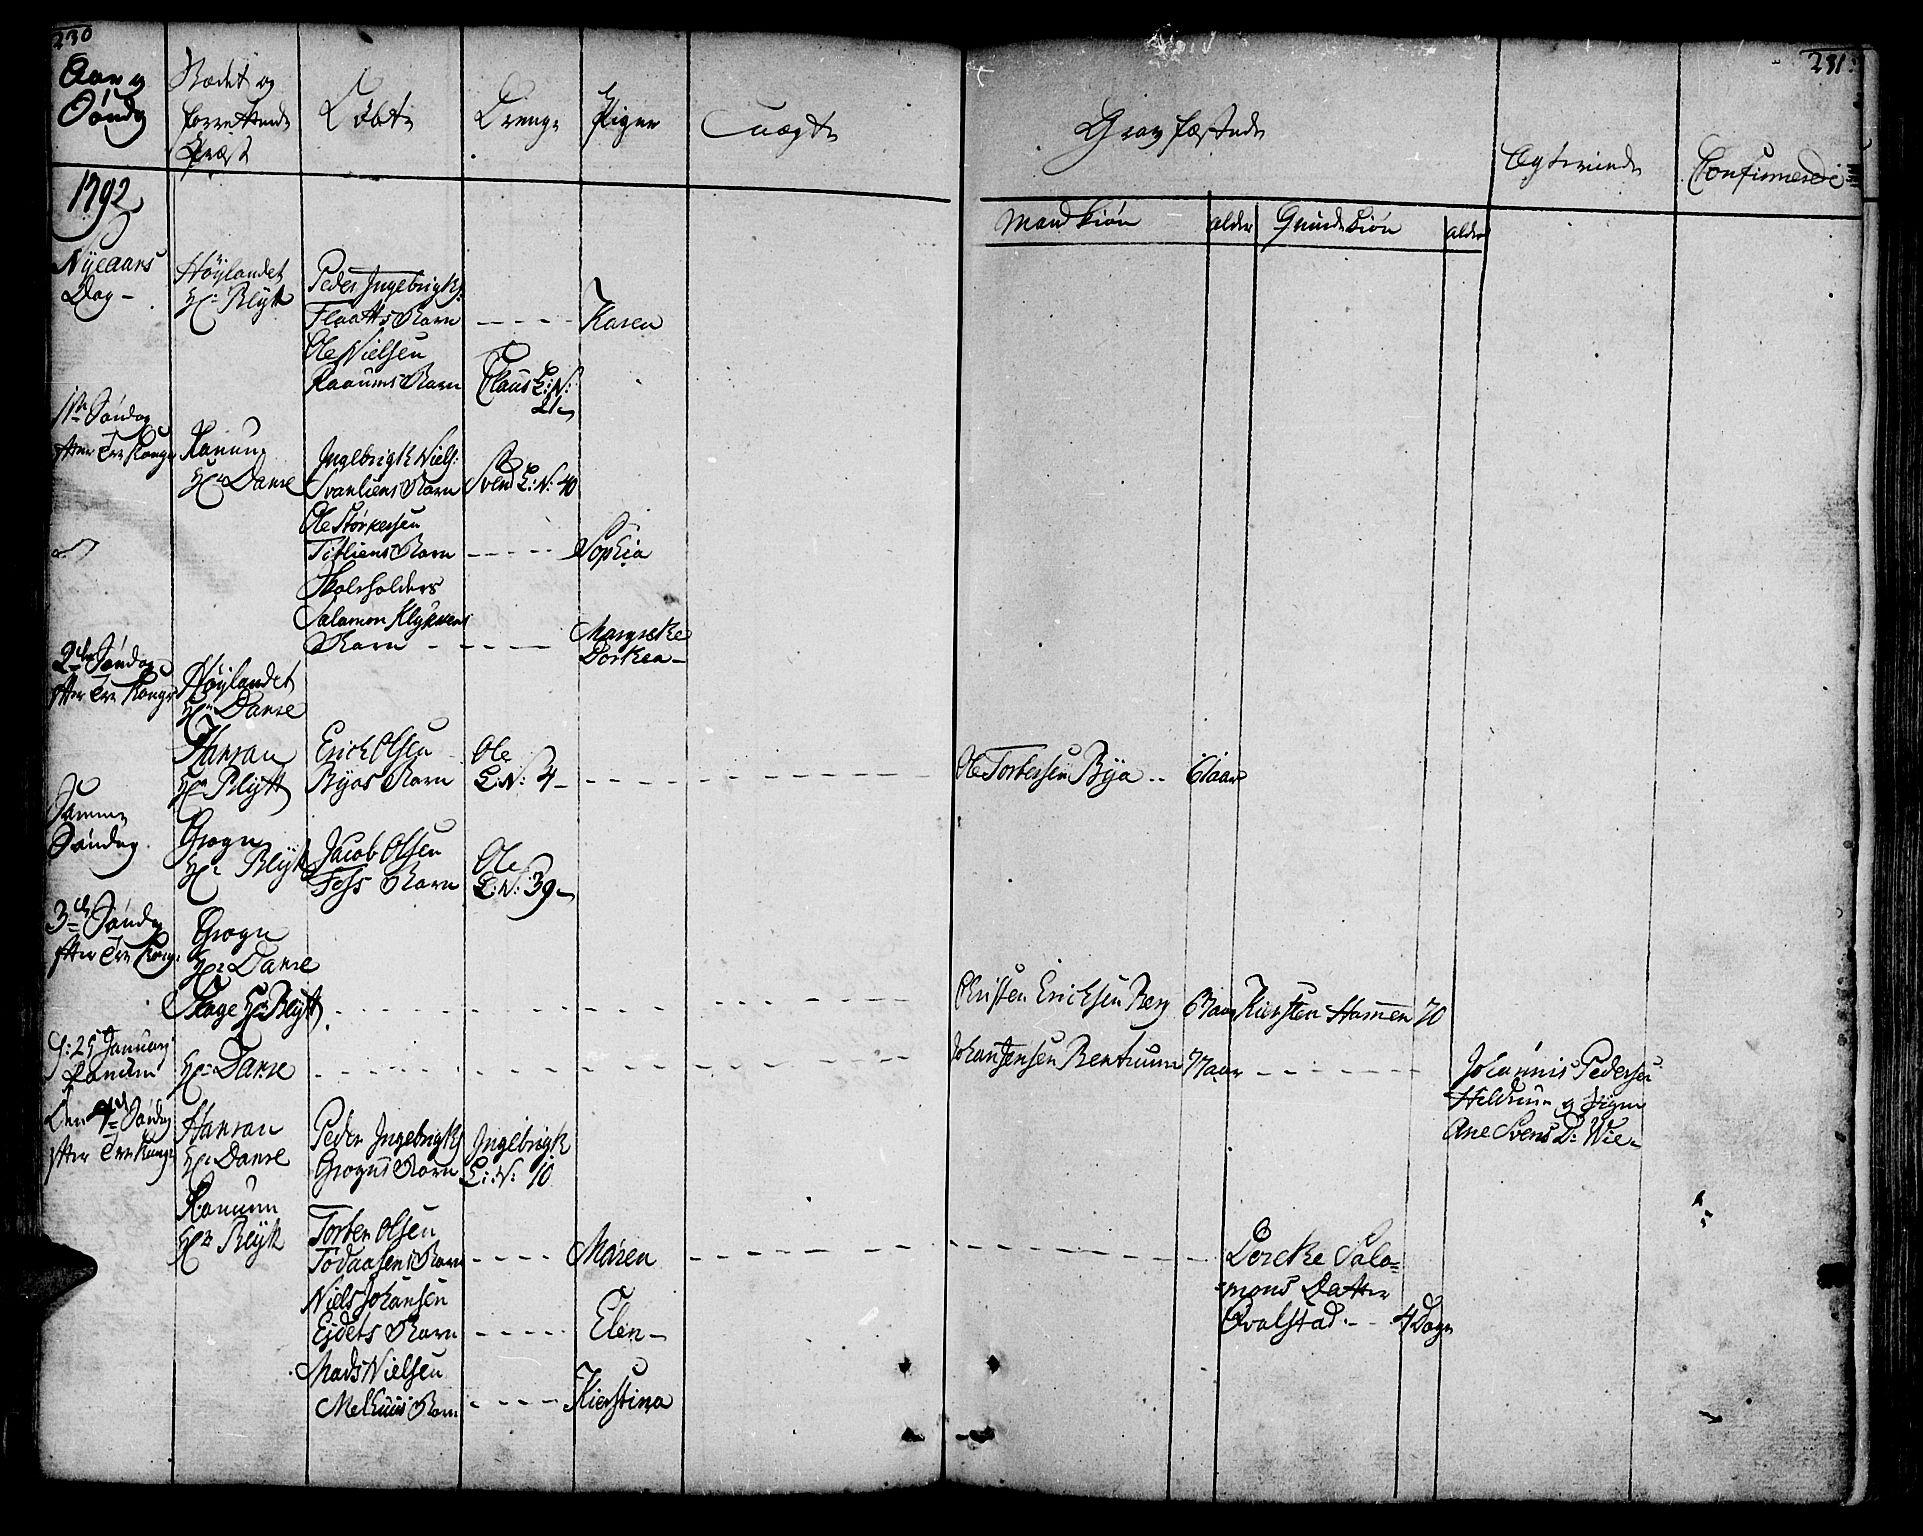 SAT, Ministerialprotokoller, klokkerbøker og fødselsregistre - Nord-Trøndelag, 764/L0544: Ministerialbok nr. 764A04, 1780-1798, s. 230-231